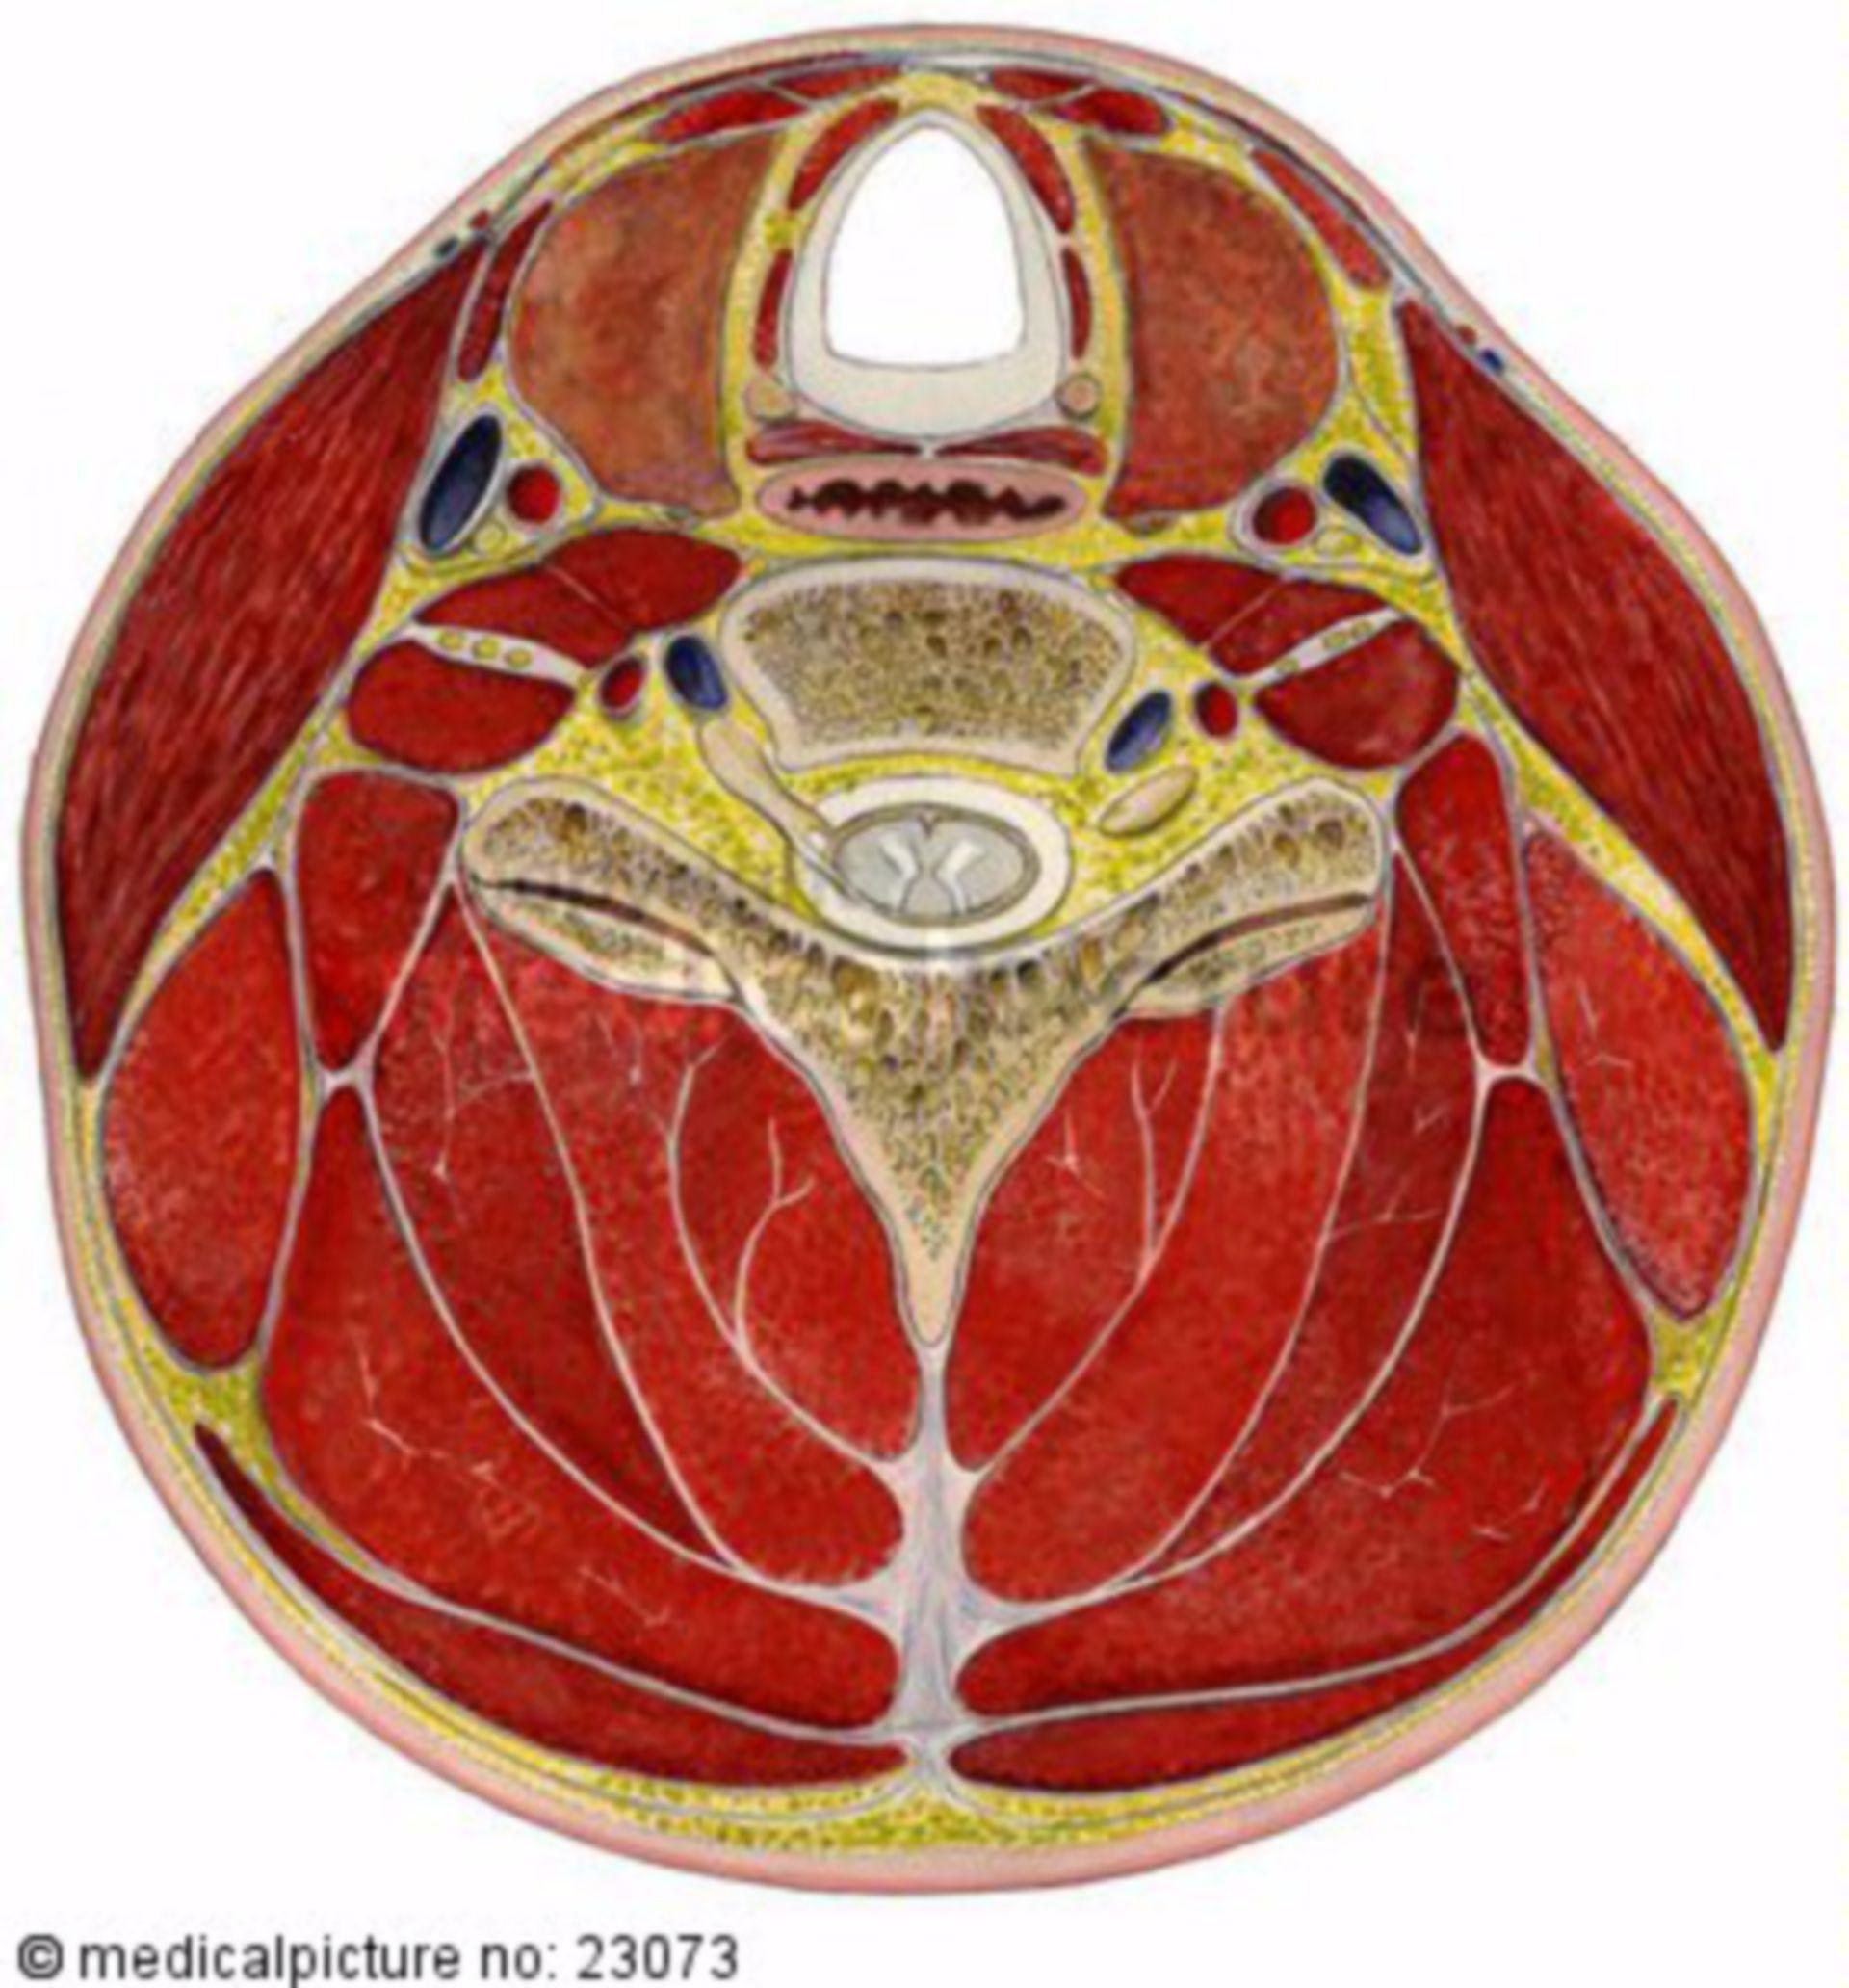 Hals, Transversalschnitt